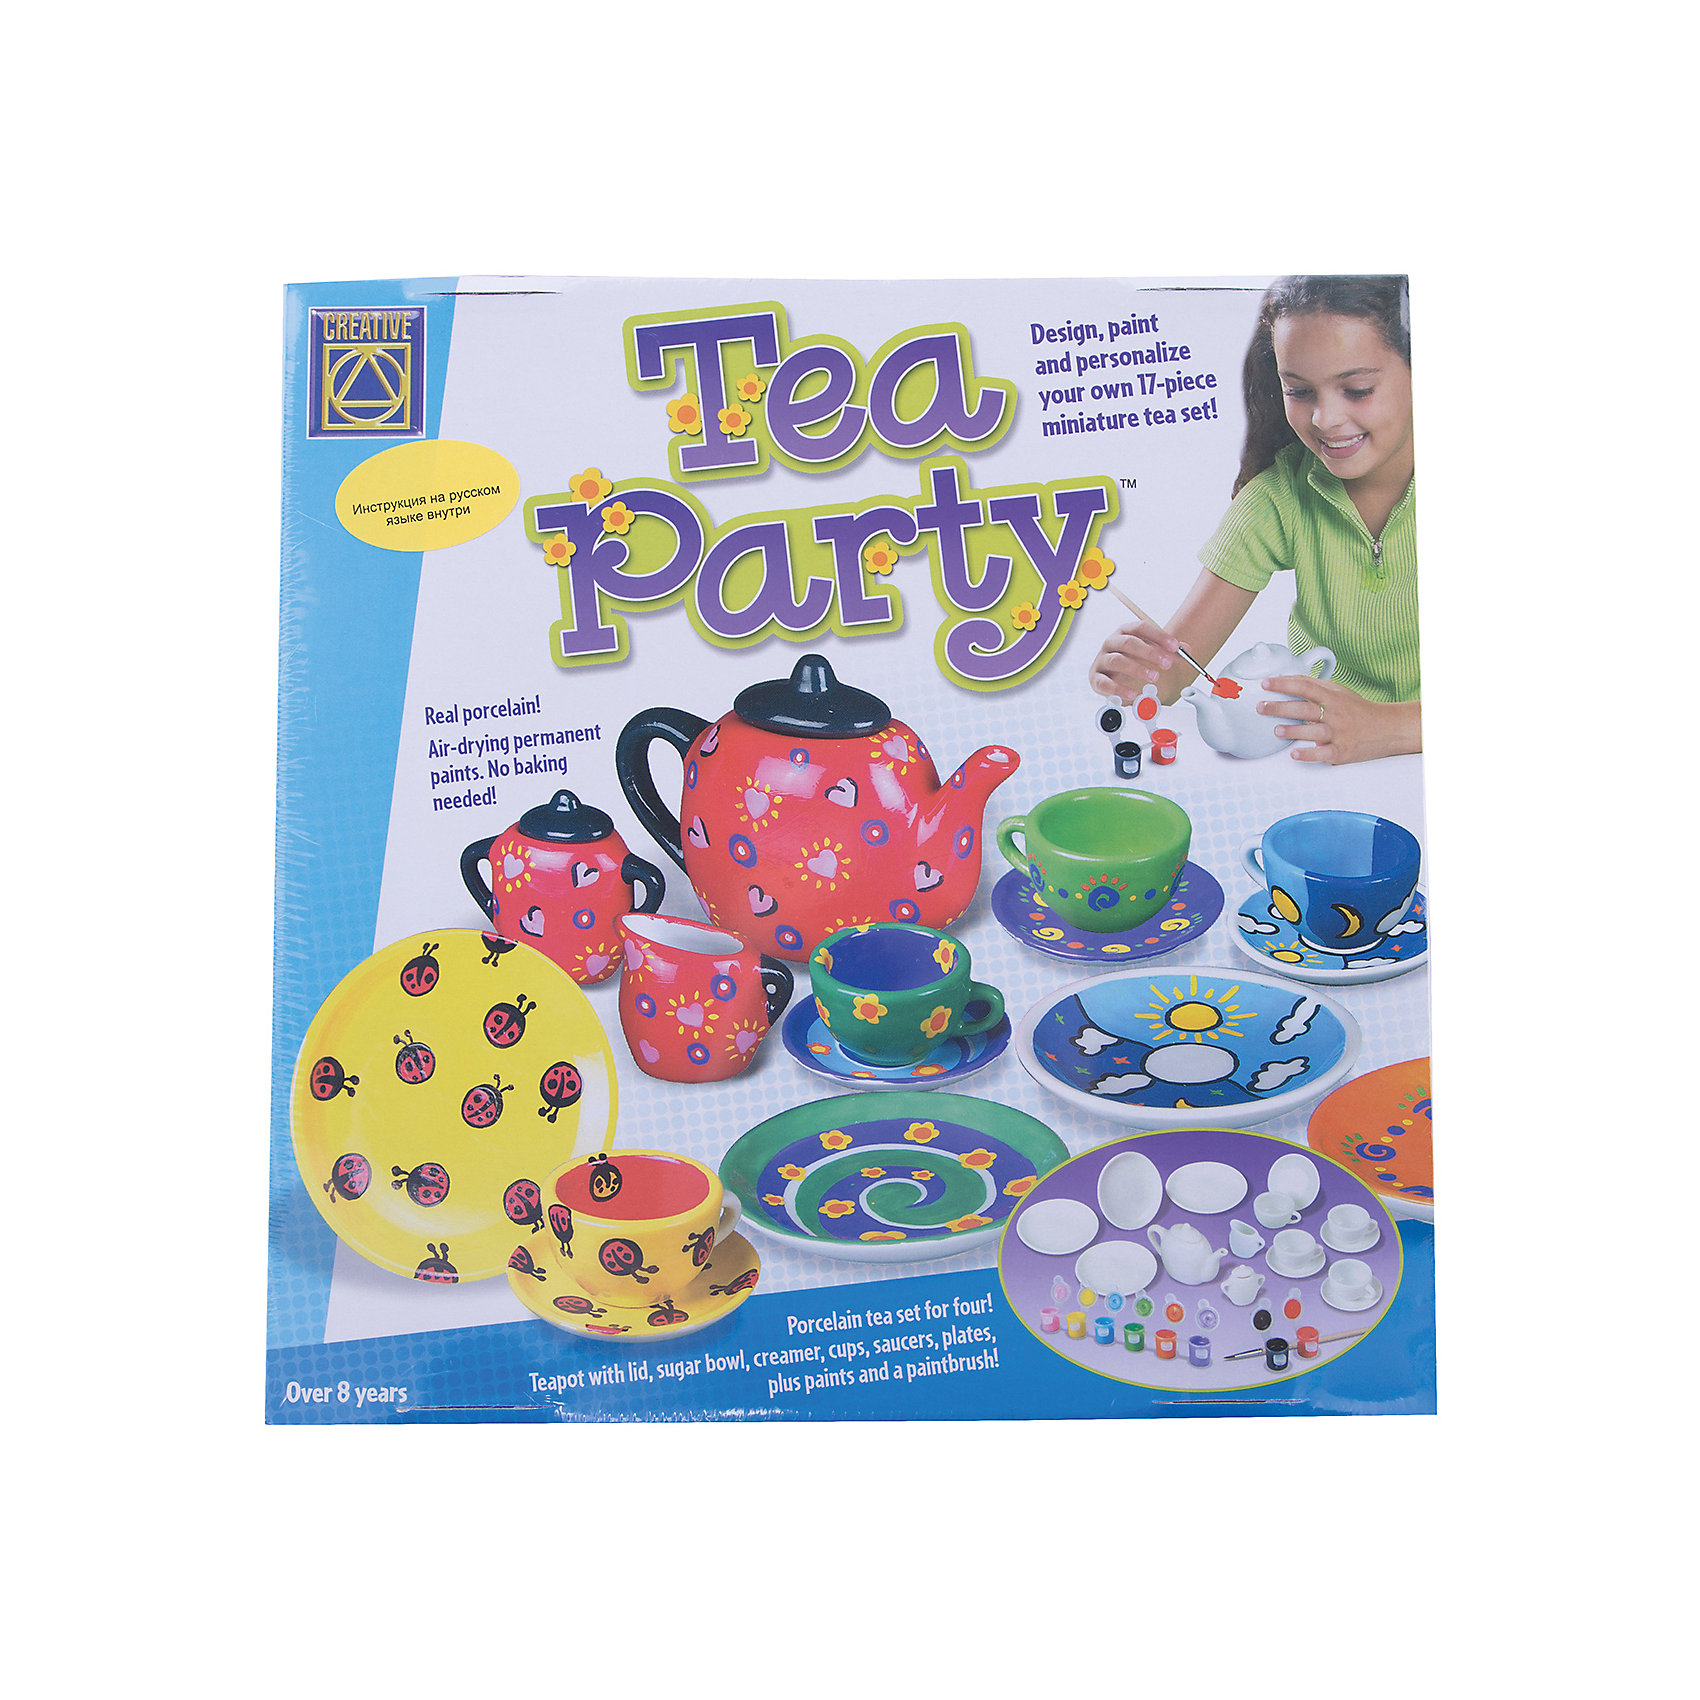 Набор Украшаем чайный сервиз, CreativeНабор для творчества Украшаем чайный сервиз поможет вашему ребенку придумать, создать и раскрасить свою посуду для завтрака. Набор состоит из 12 баночек с краской белого, зеленого, сиреневого, черного, коричневого, синего, салатового, розового, красного, оранжевого, желтого и голубого цветов, сервиза, состоящего из 17 предметов (8 блюдец, четыре чашки, заварник с крышкой, молочник, сахарница с крышкой) и подробной инструкции на русском языке.<br><br>Ширина мм: 300<br>Глубина мм: 300<br>Высота мм: 95<br>Вес г: 1400<br>Возраст от месяцев: 72<br>Возраст до месяцев: 2147483647<br>Пол: Женский<br>Возраст: Детский<br>SKU: 3139129